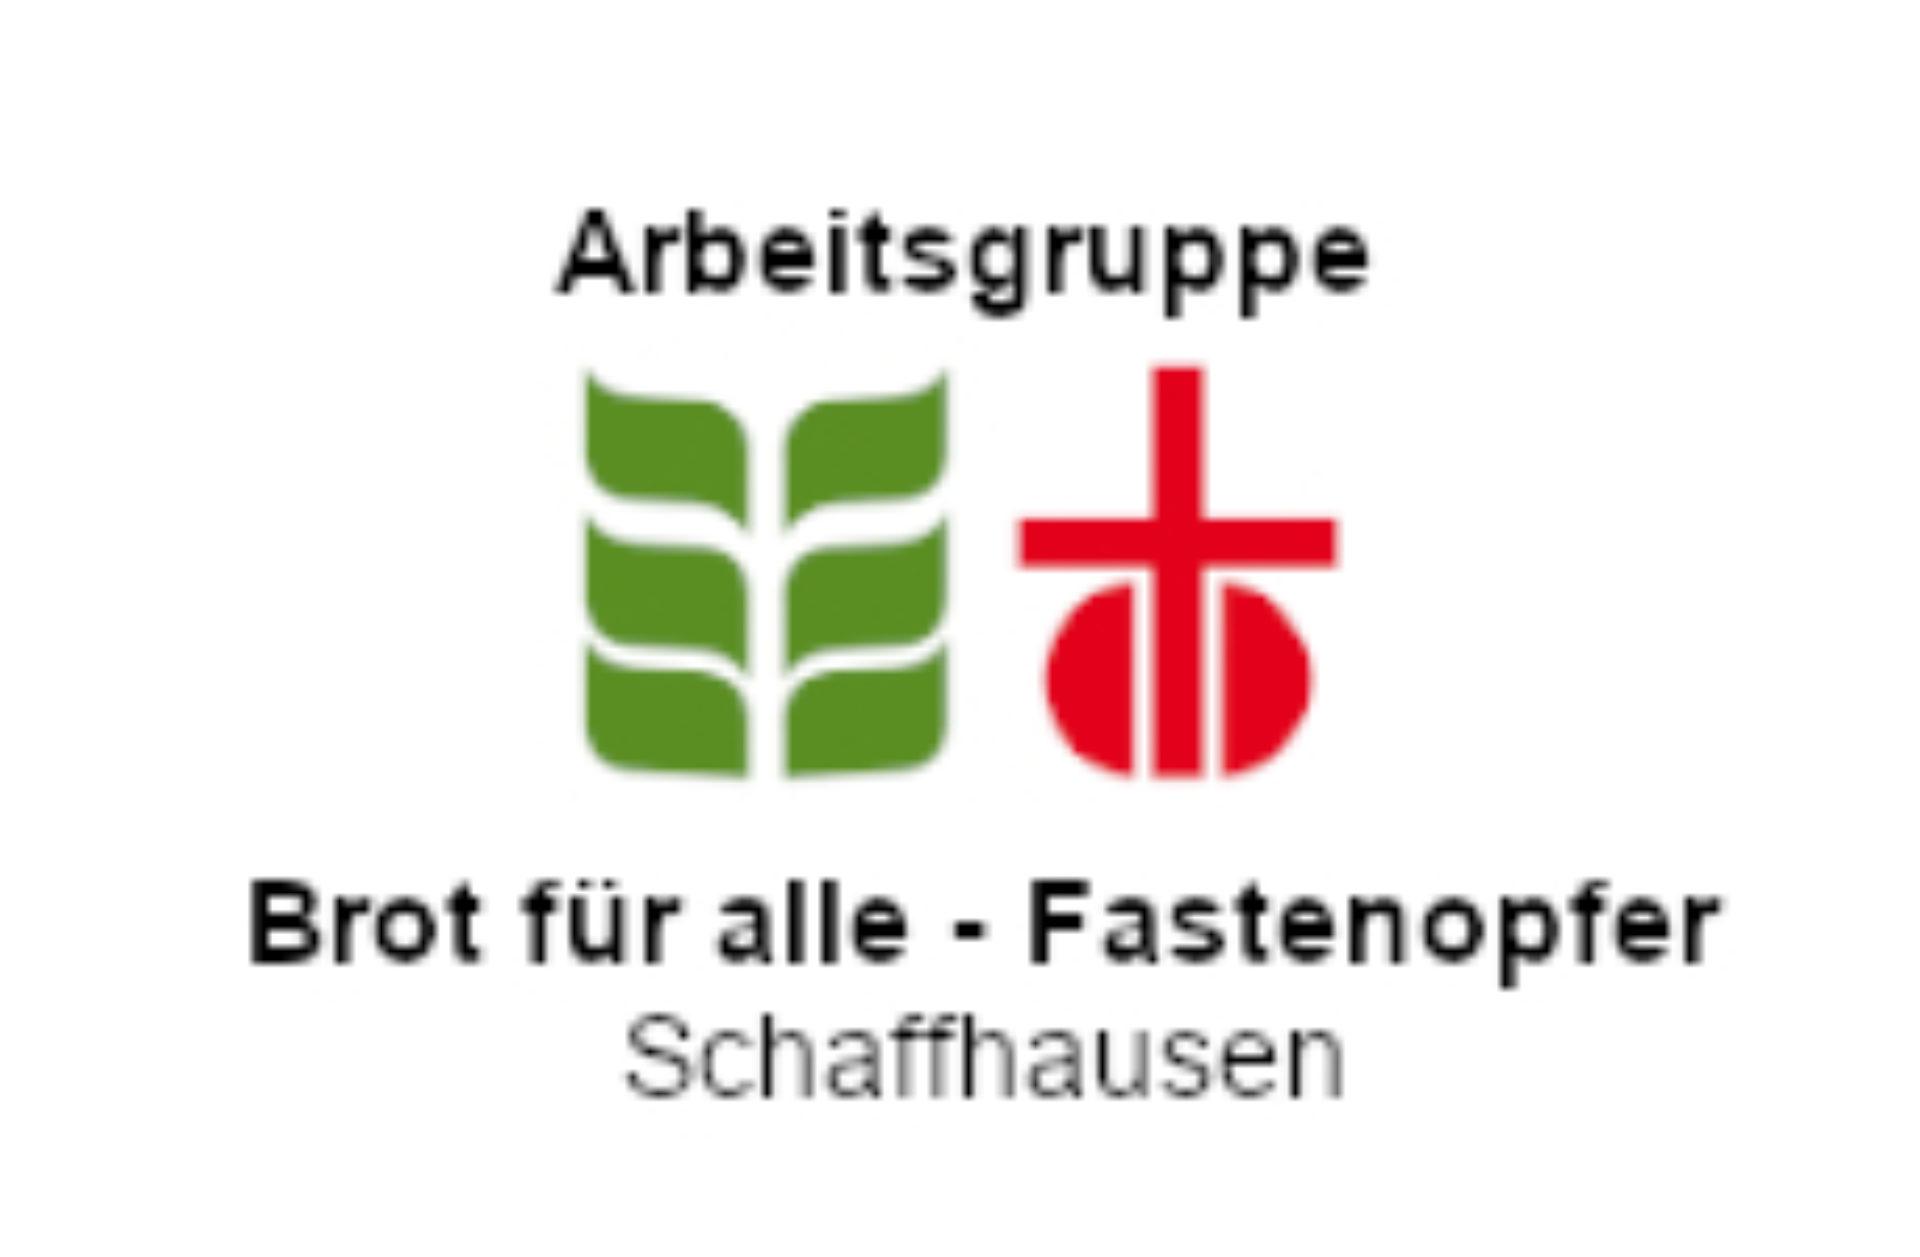 AG bfa FO Schaffhausen